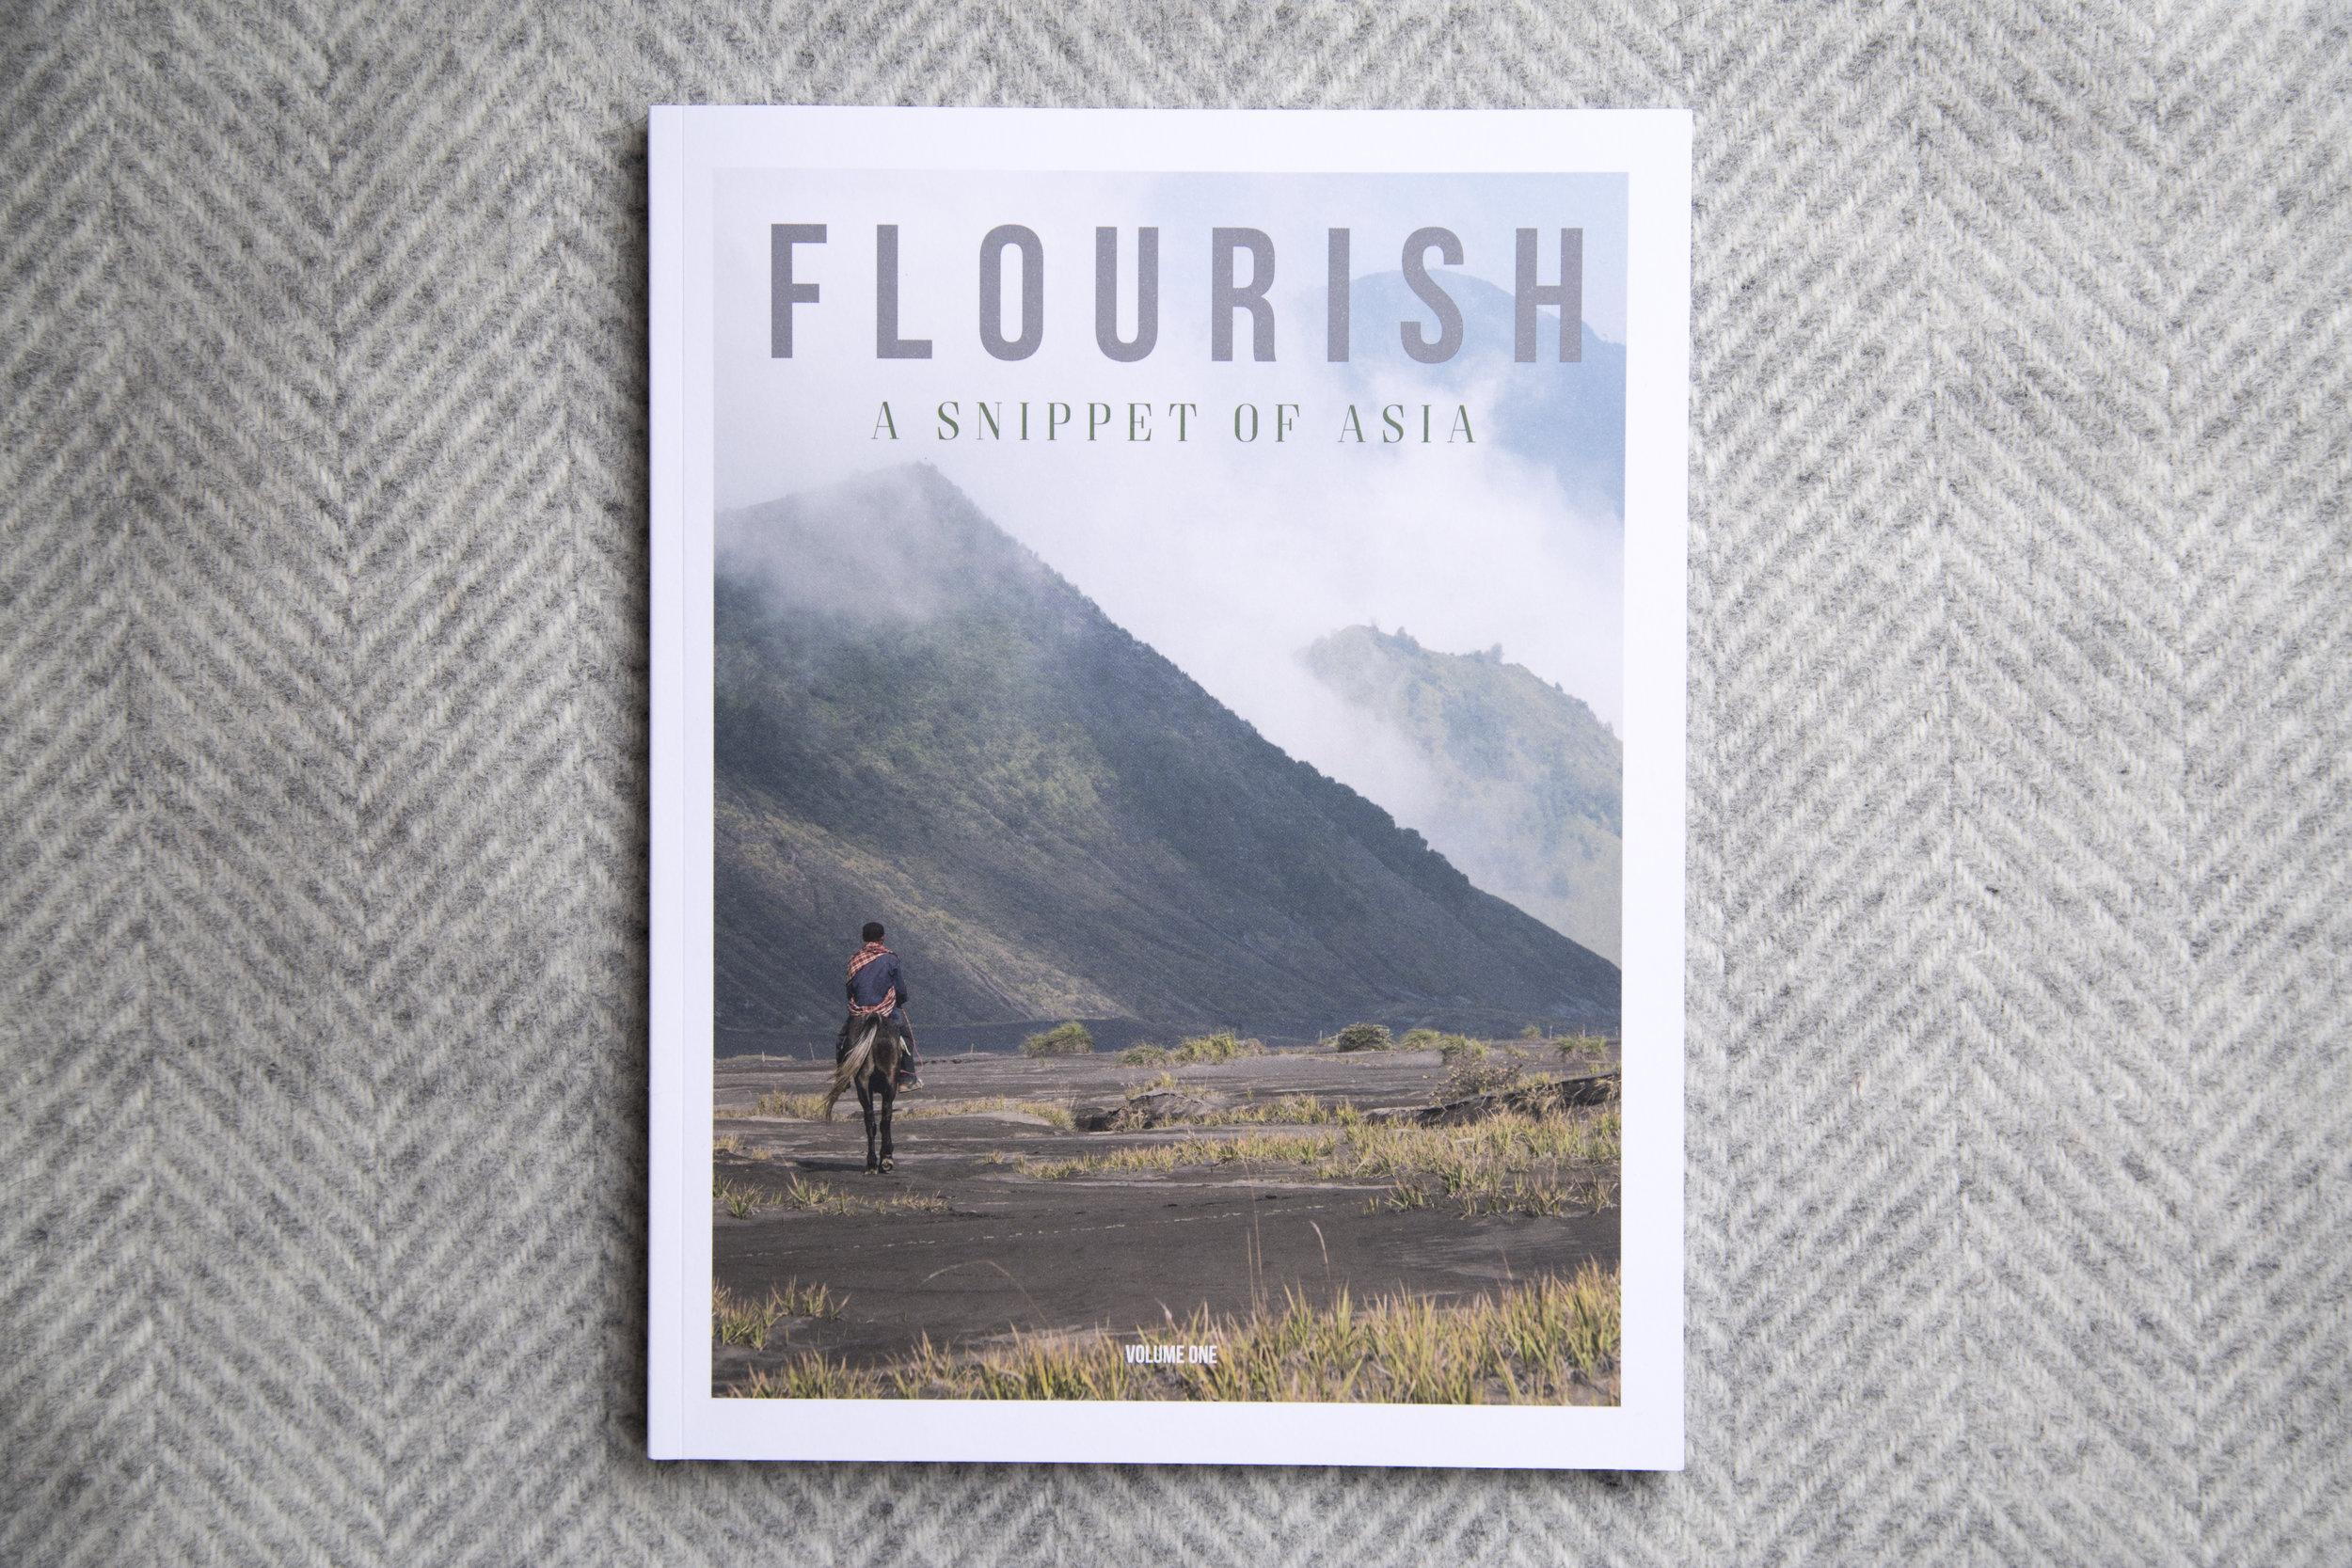 Volume 1 of Flourish